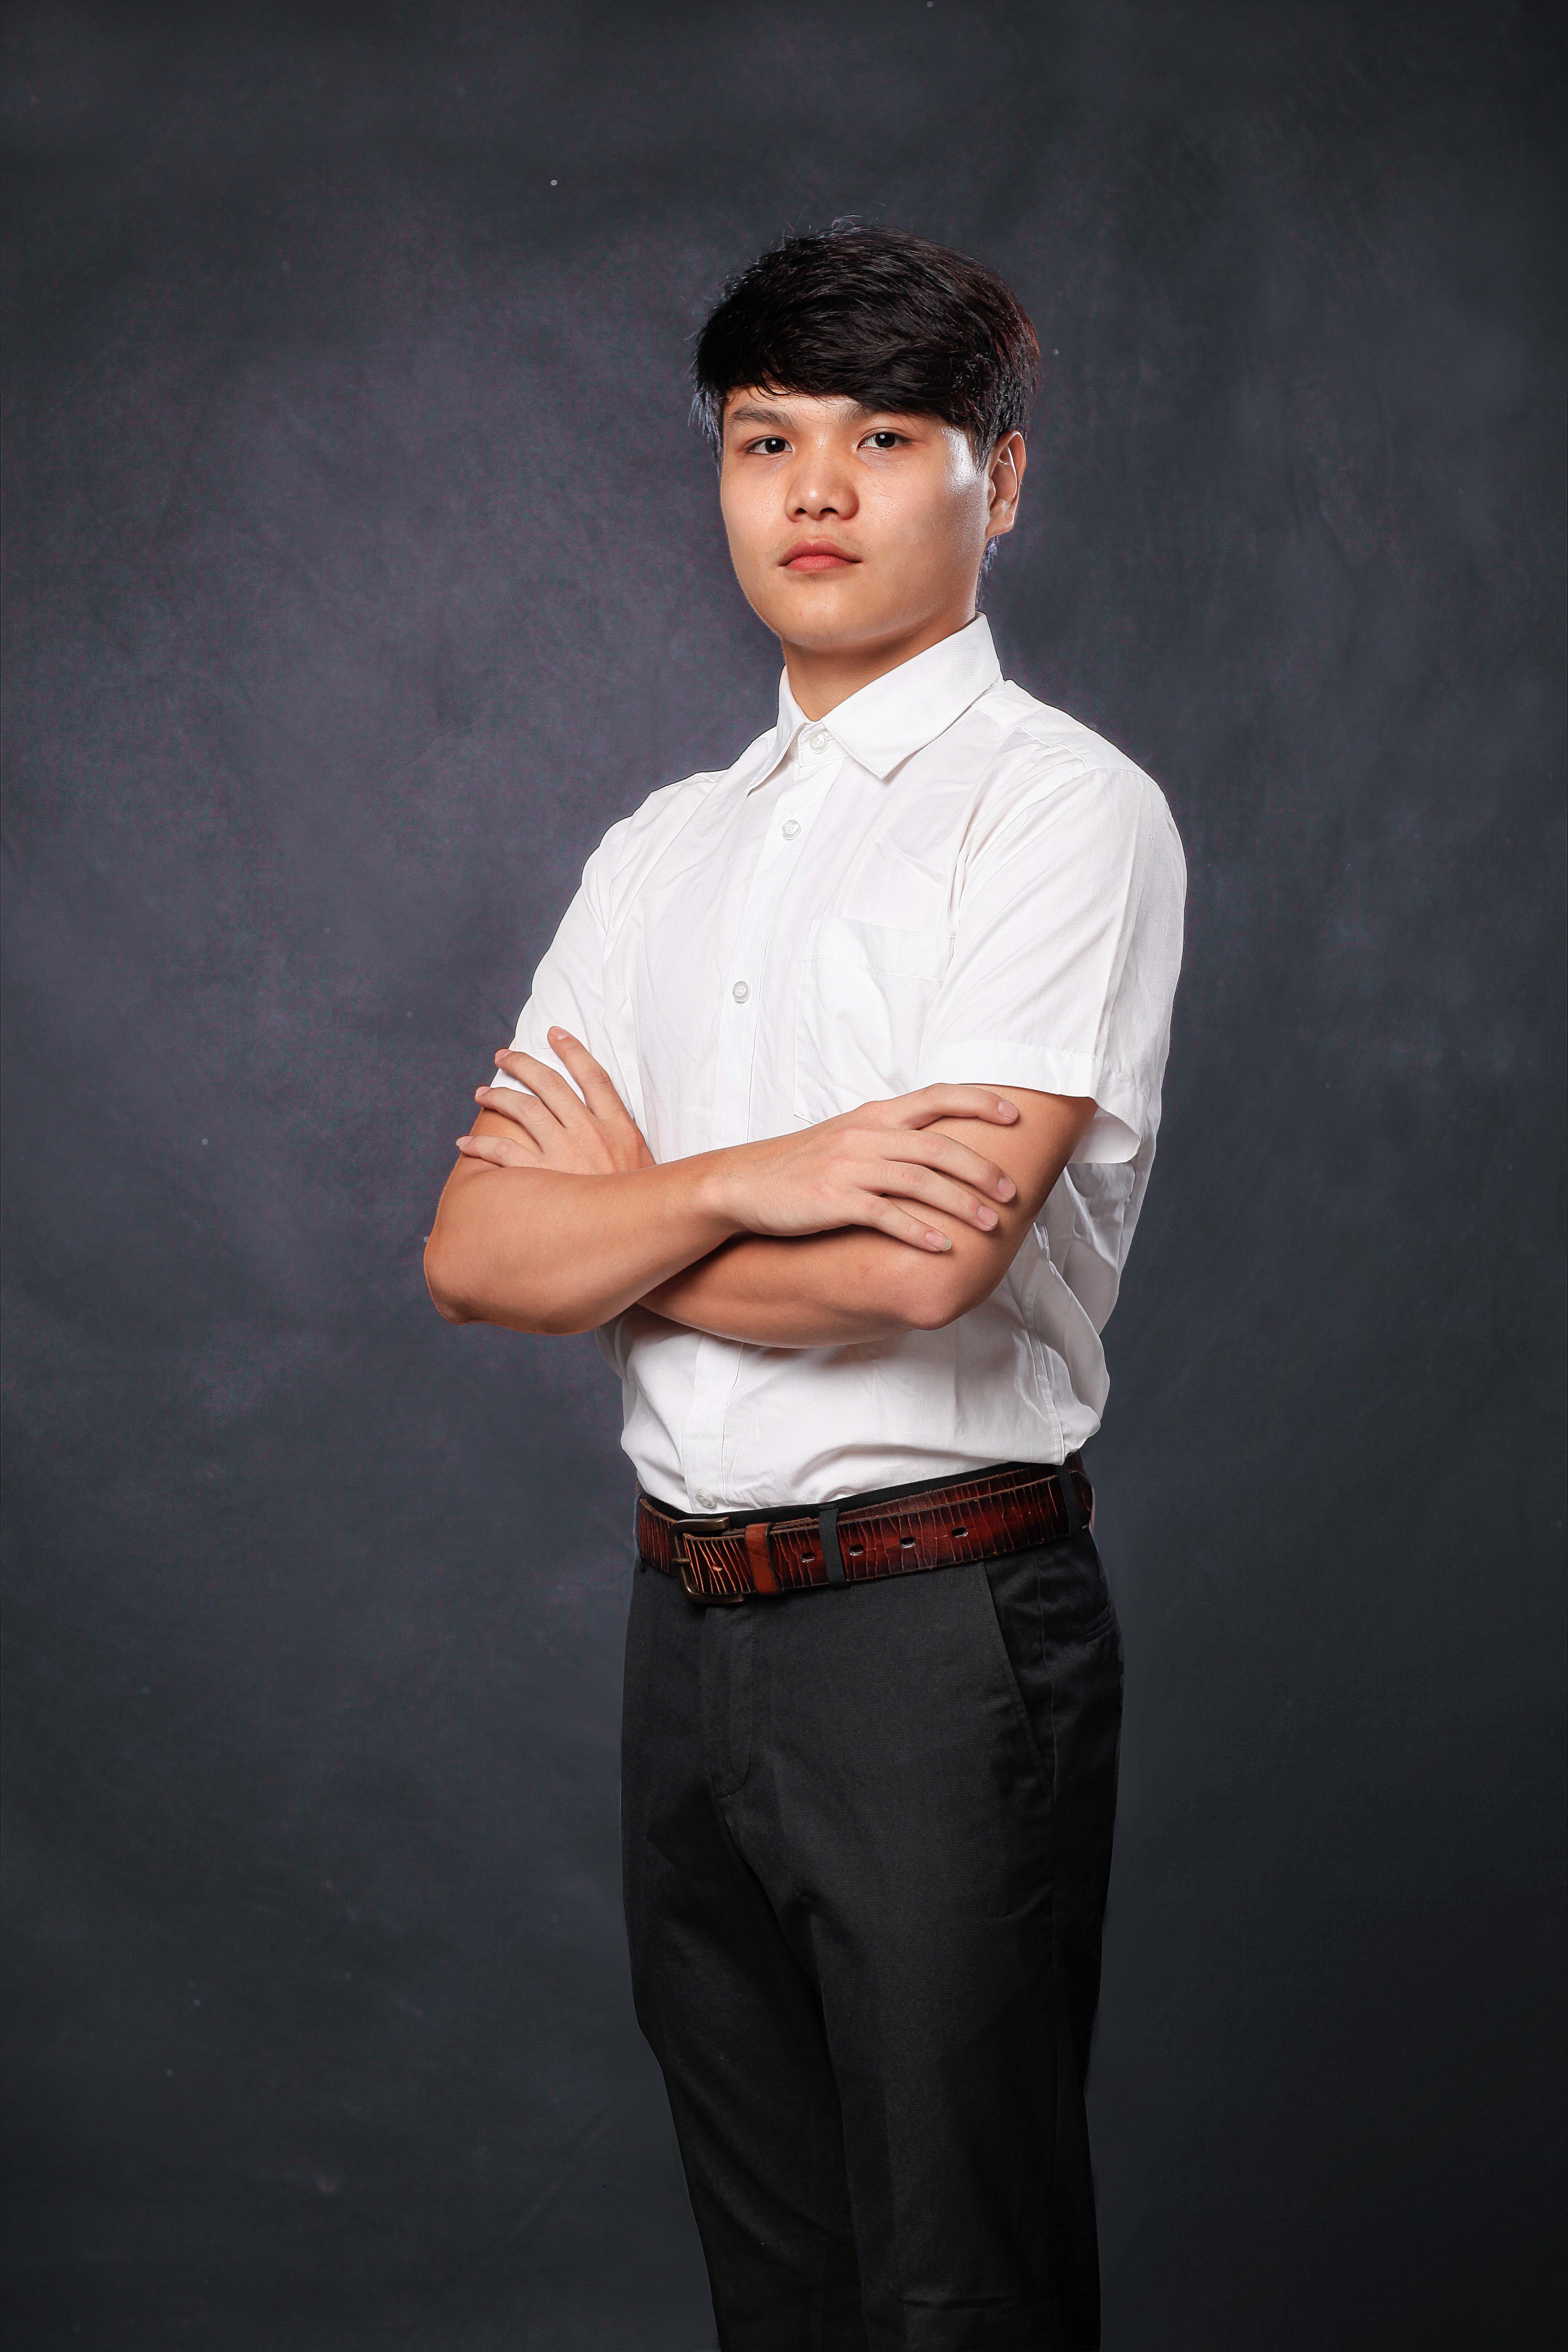 服_服装 工作服 制服 3744_5616 竖版 竖屏